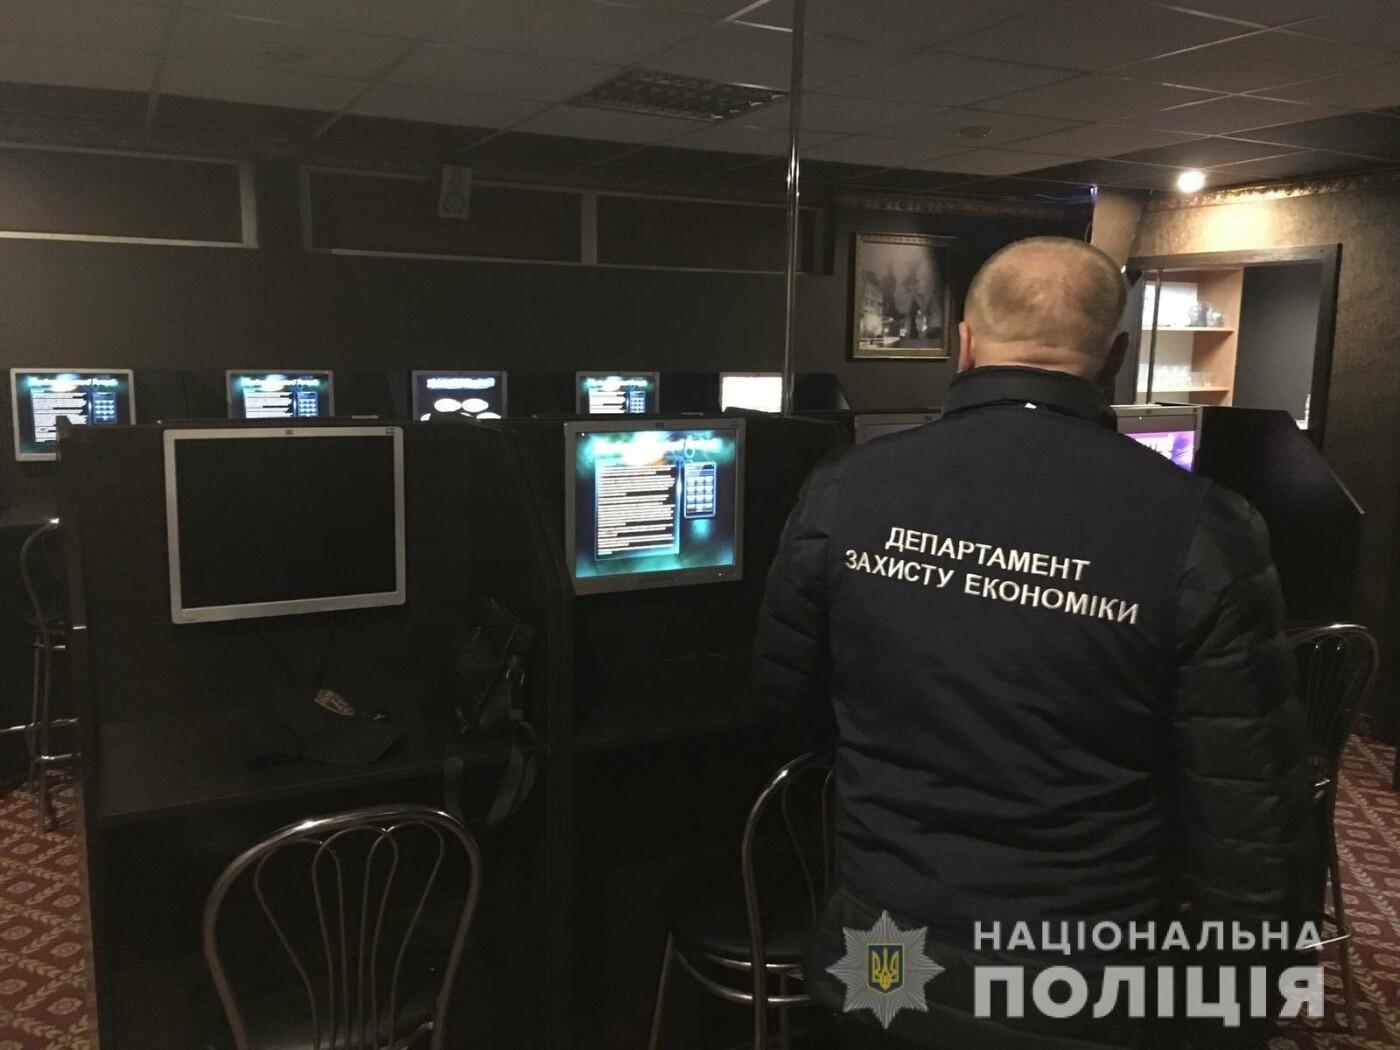 Криворожанина, открывшего подпольные казино во Львове, приговорили к 5 годам лишения свободы , фото-1